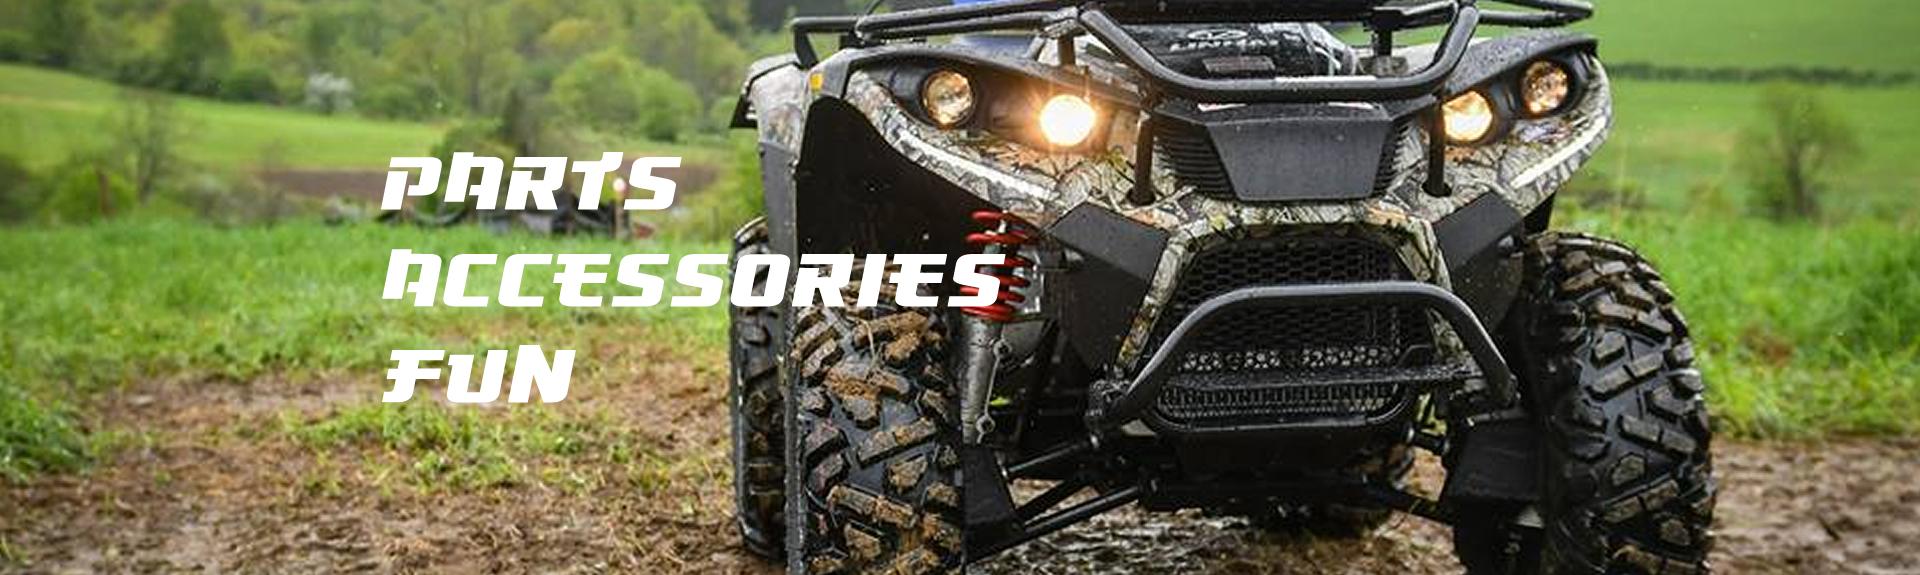 ATV Parts, UTV For Sale, Go Kart, Motocross Gear, & Mini